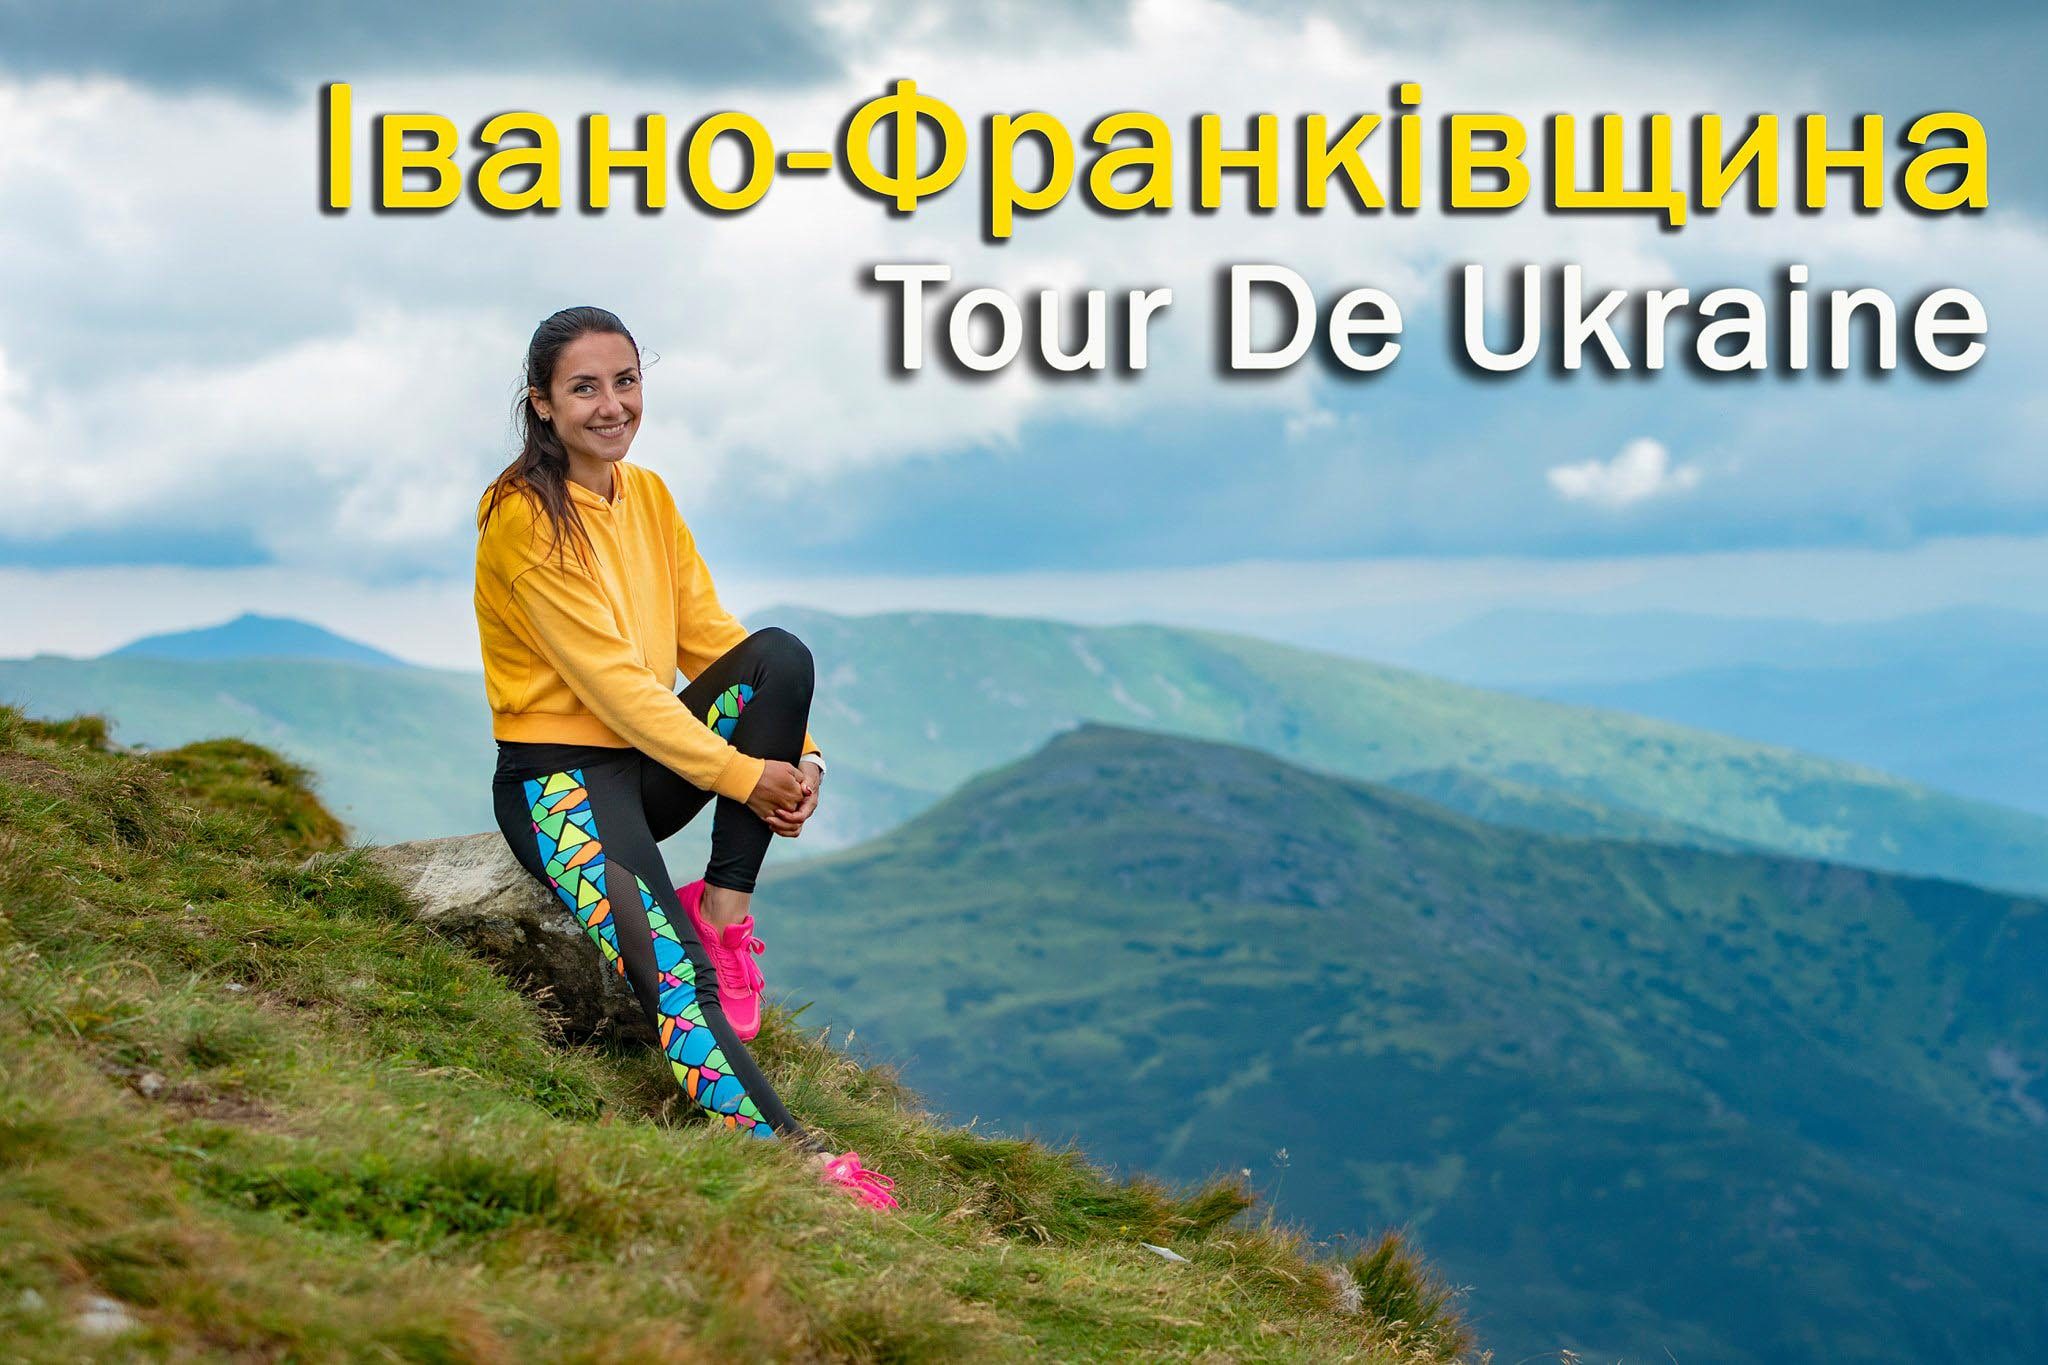 Tour De Ukraine: відома українська тревел-блогерка зніме контент про туризм на Прикарпатті